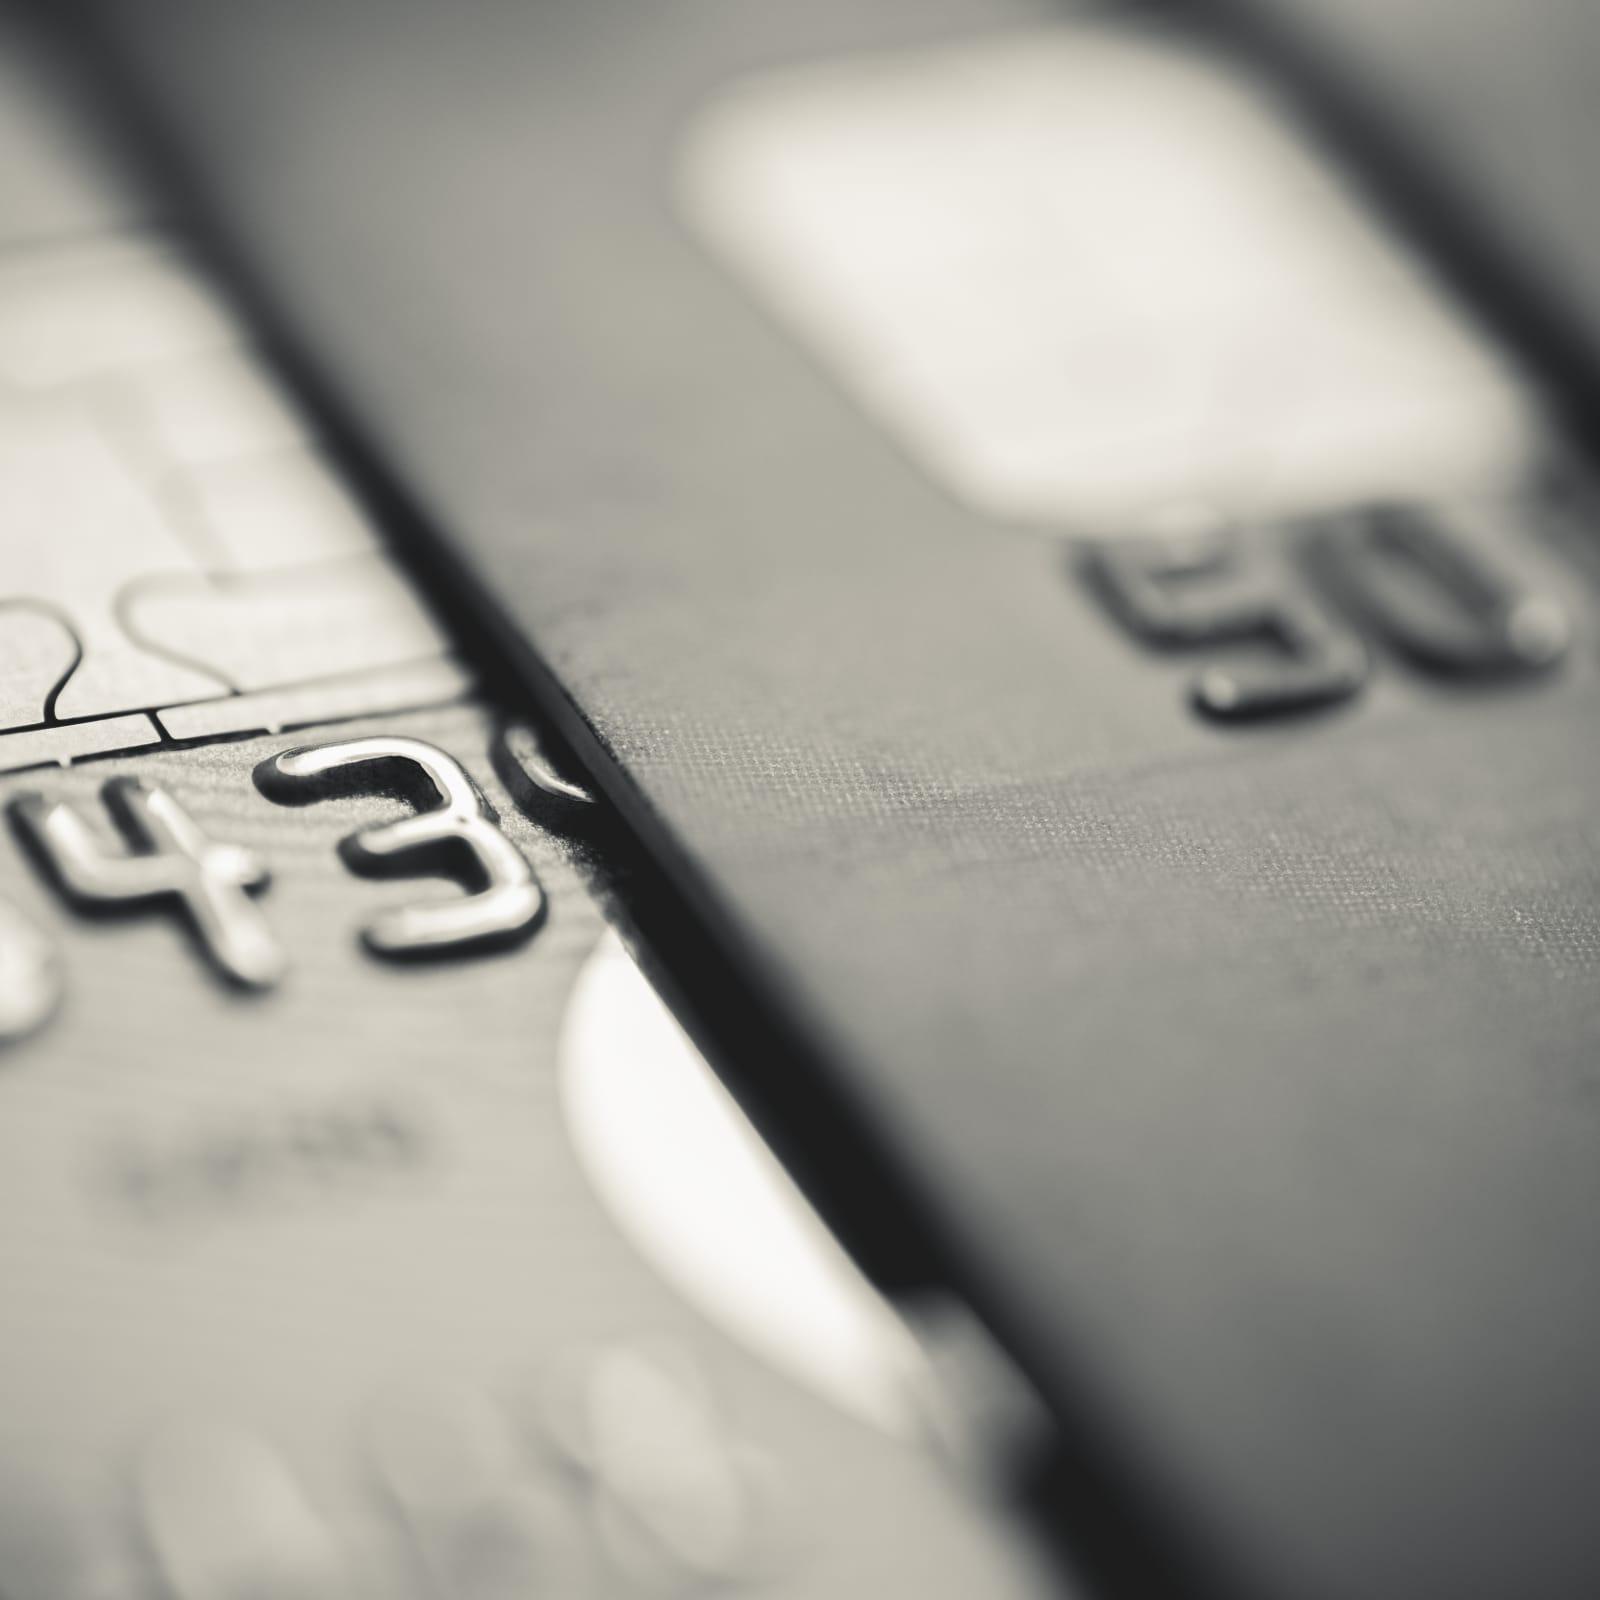 Quick cash loan quezon city image 10